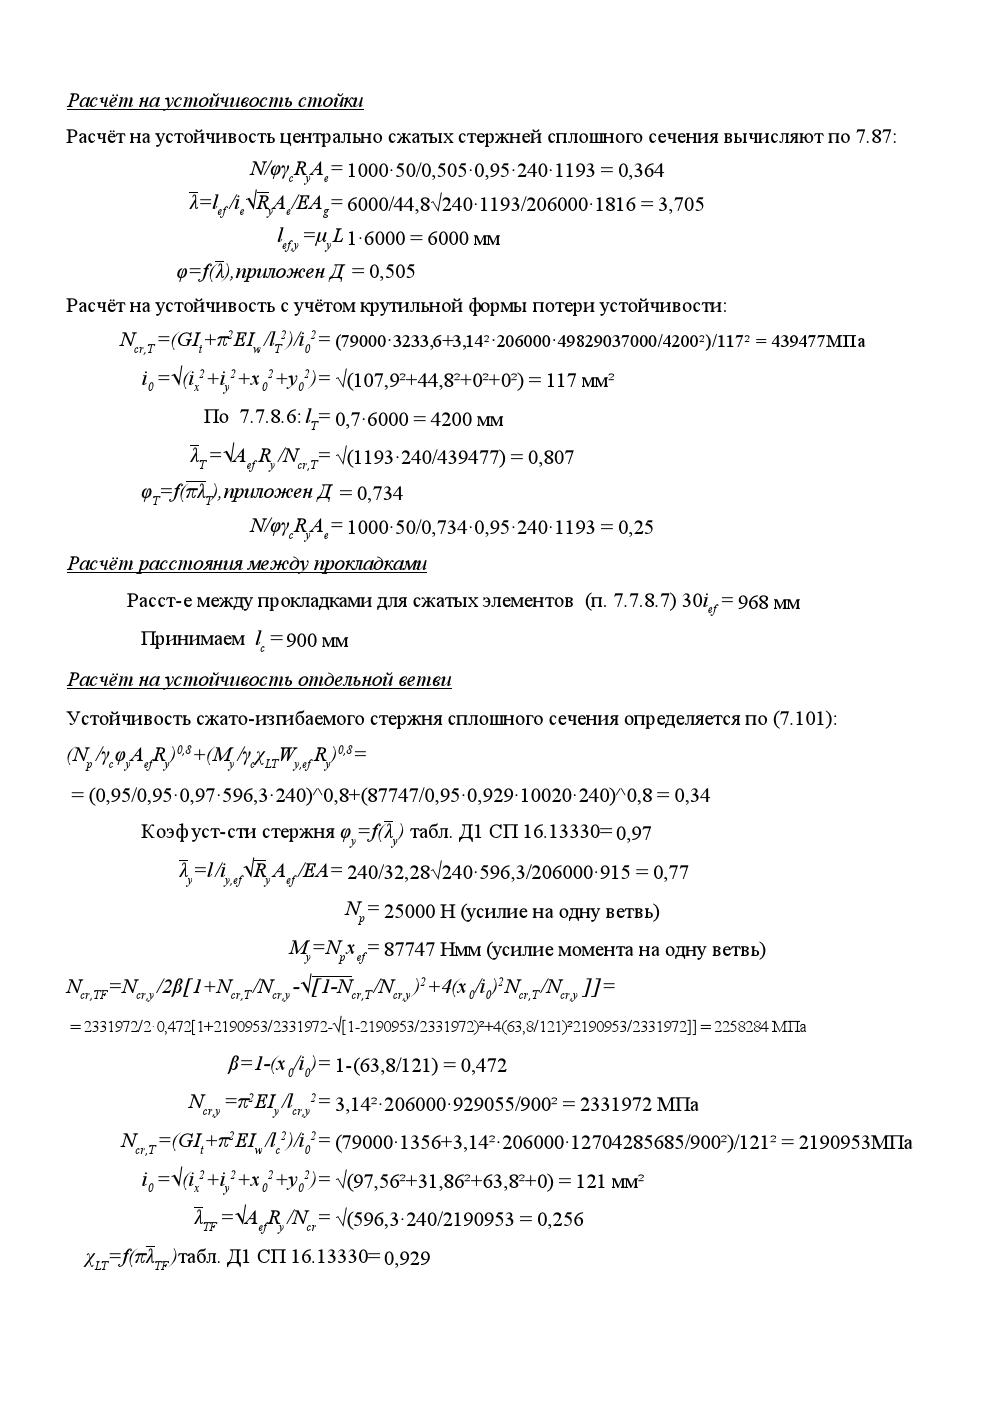 Проверка устойчивости составного ЛСТК профиля - 2